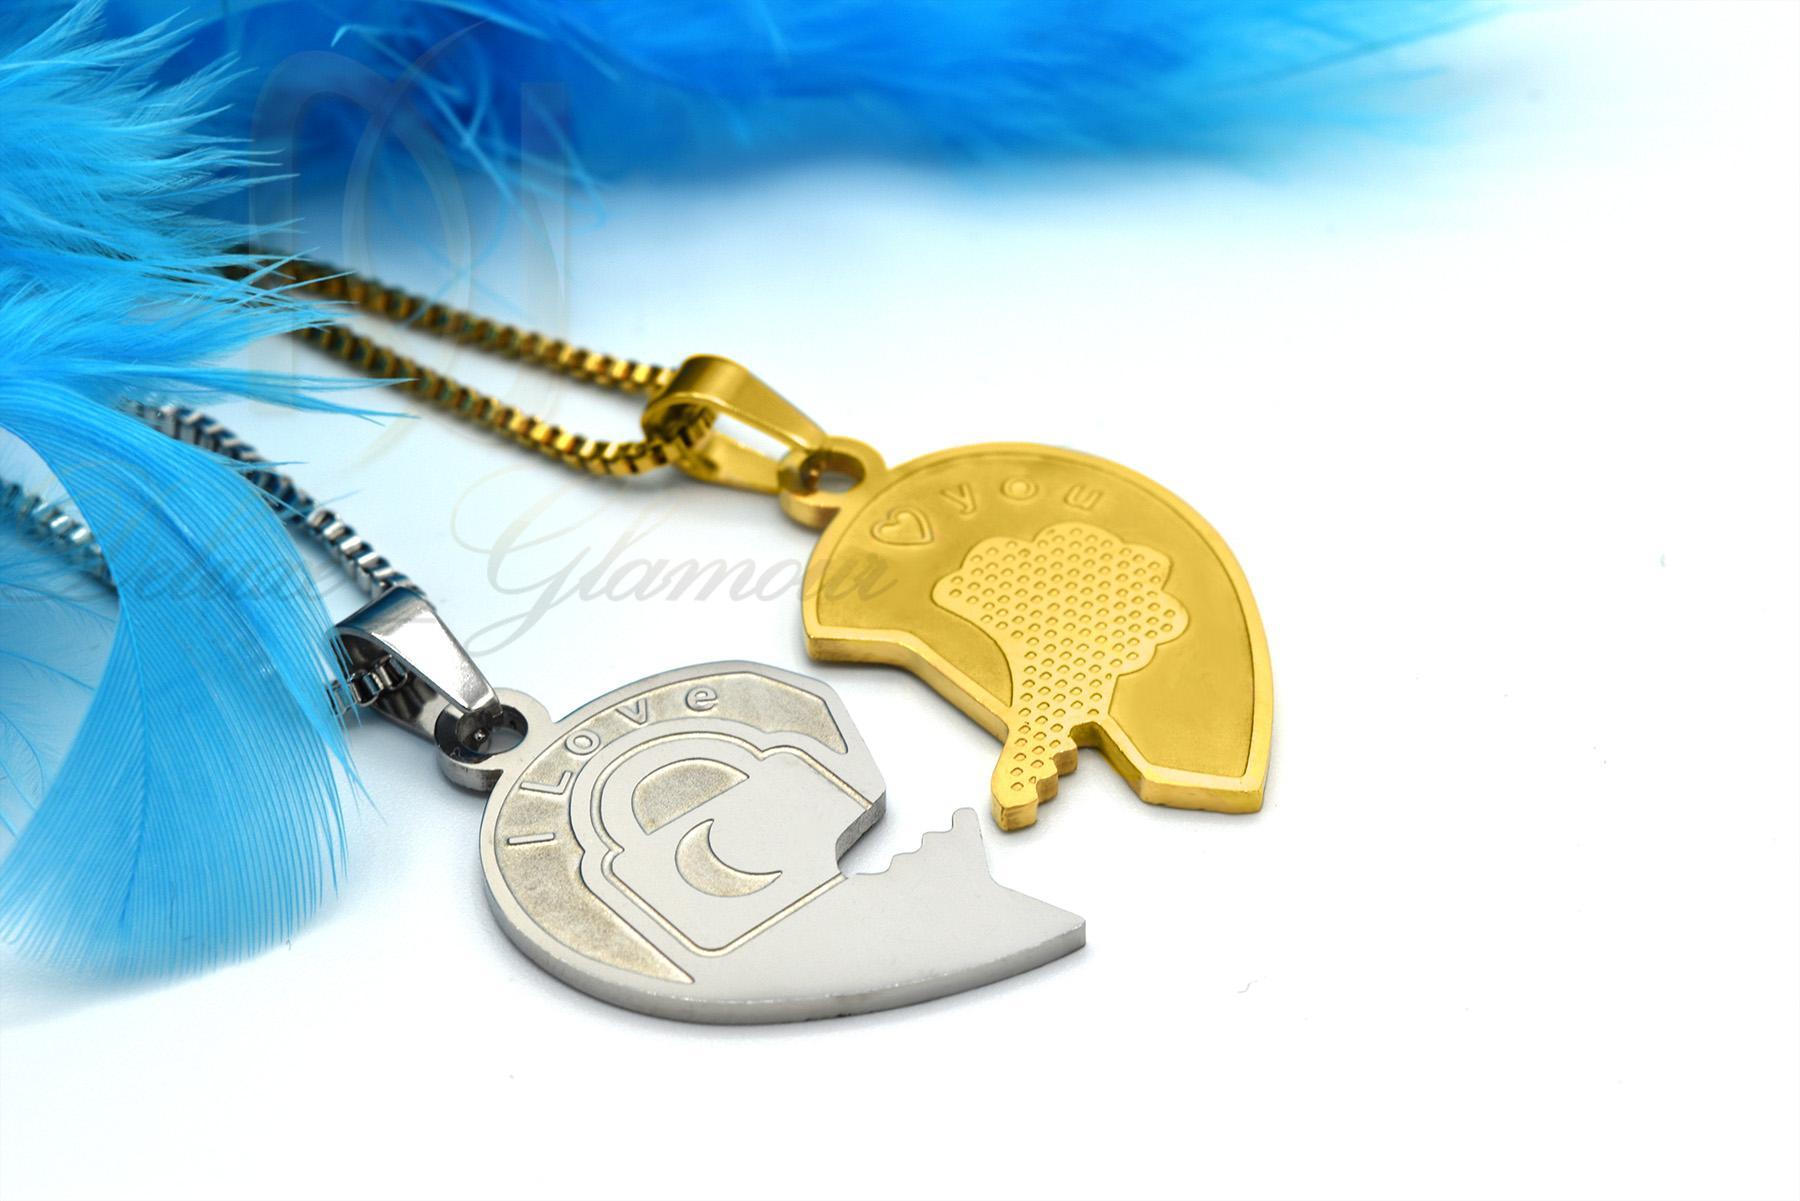 ست گردنبند دو تیکه طرح قلب و کلید mf-n128